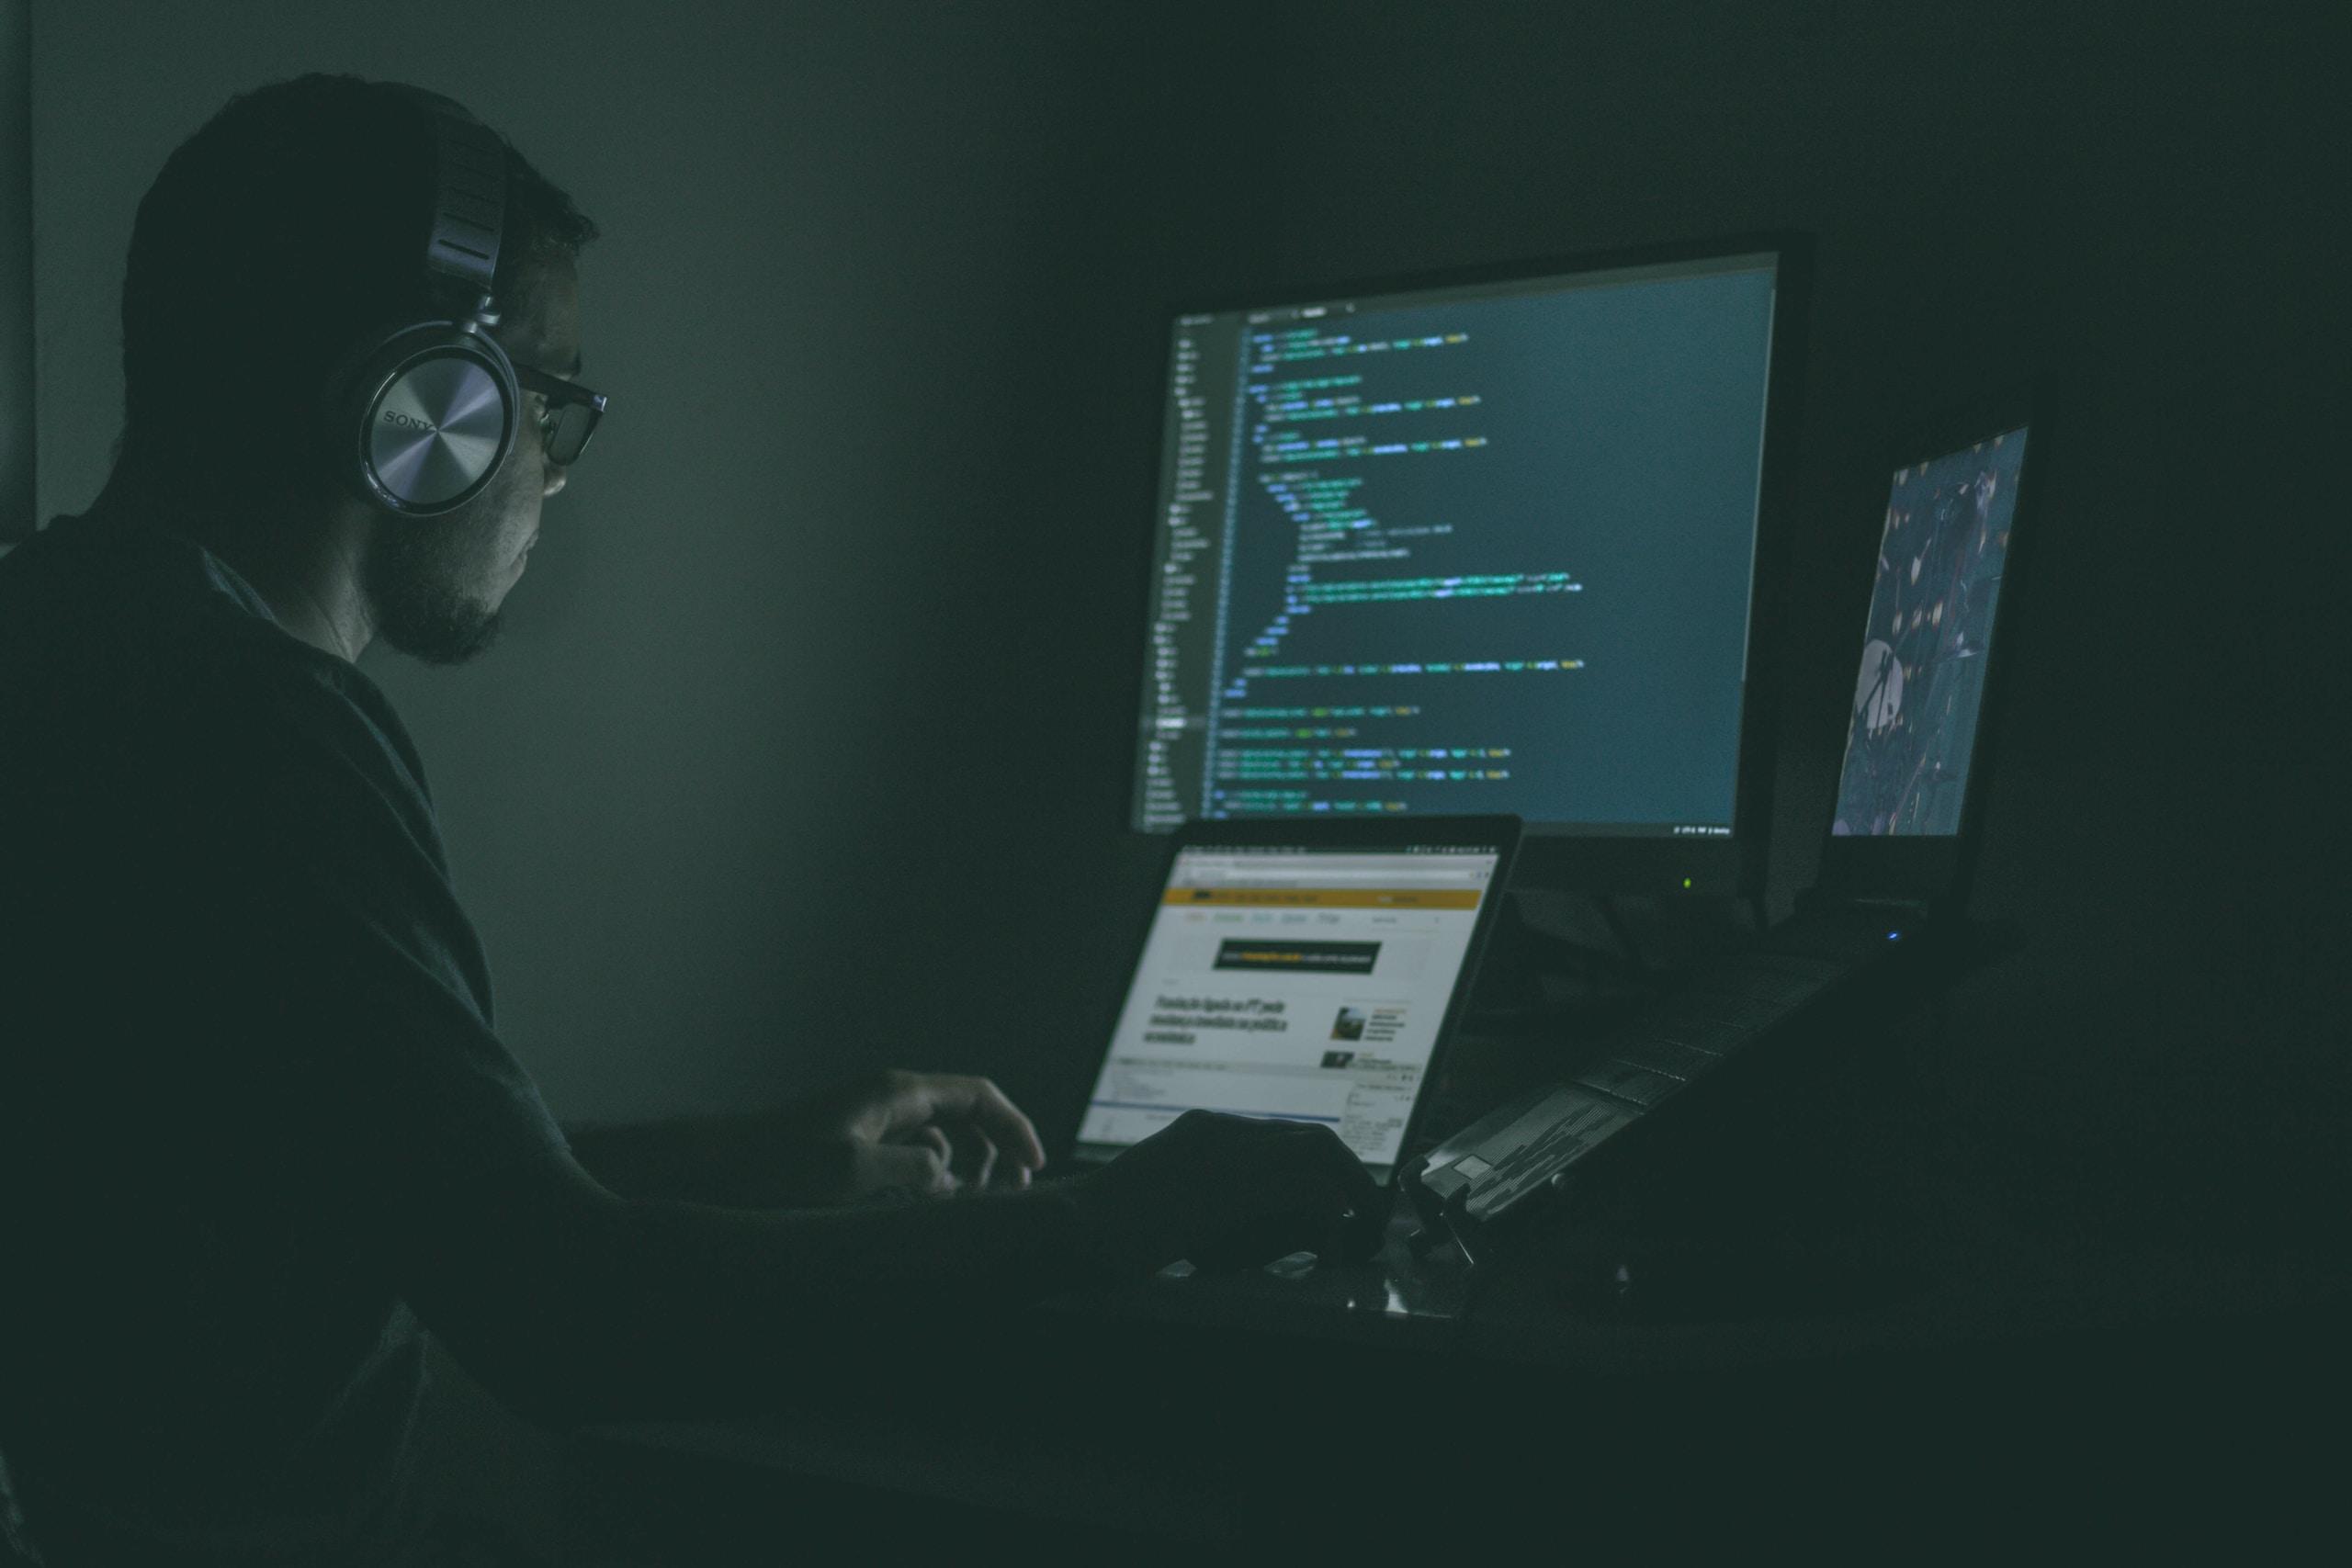 El ataque de ransomware más importante de la historia afecta a millones de ordenadores